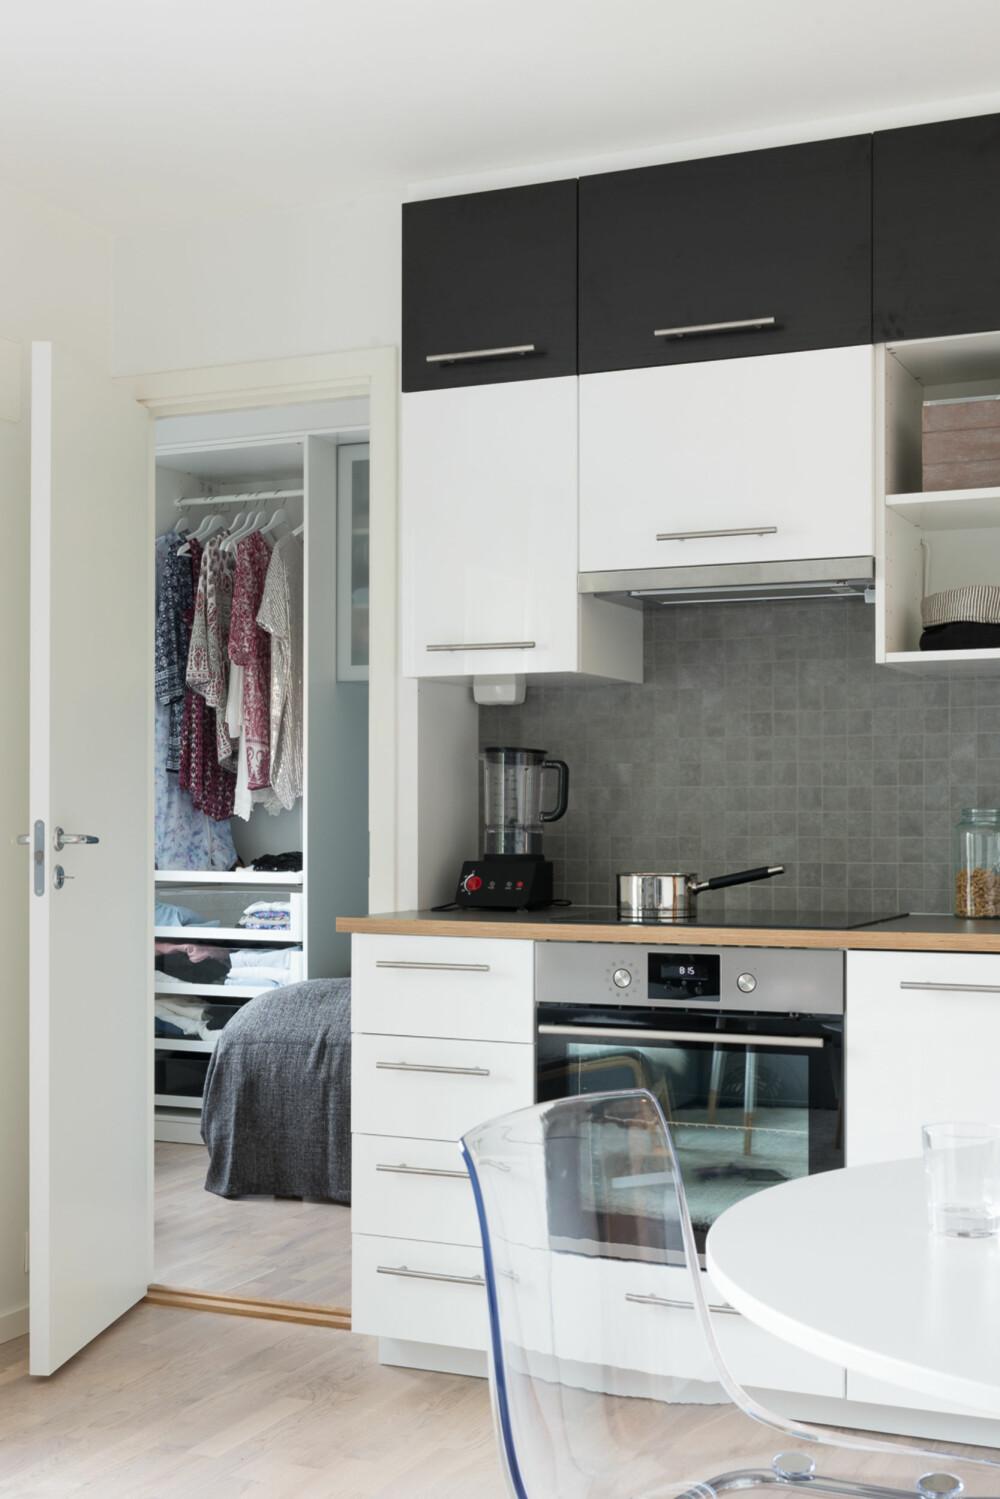 God utnyttelse. Hver centimeter er utnyttet til oppbevaring. Spisebordet er plassert mellom kjøkkenet og passasjen fra entreen. De gjennomsiktige plaststolene fra Ikea er valgt for at allrommet skal oppleves som mest mulig luftig.